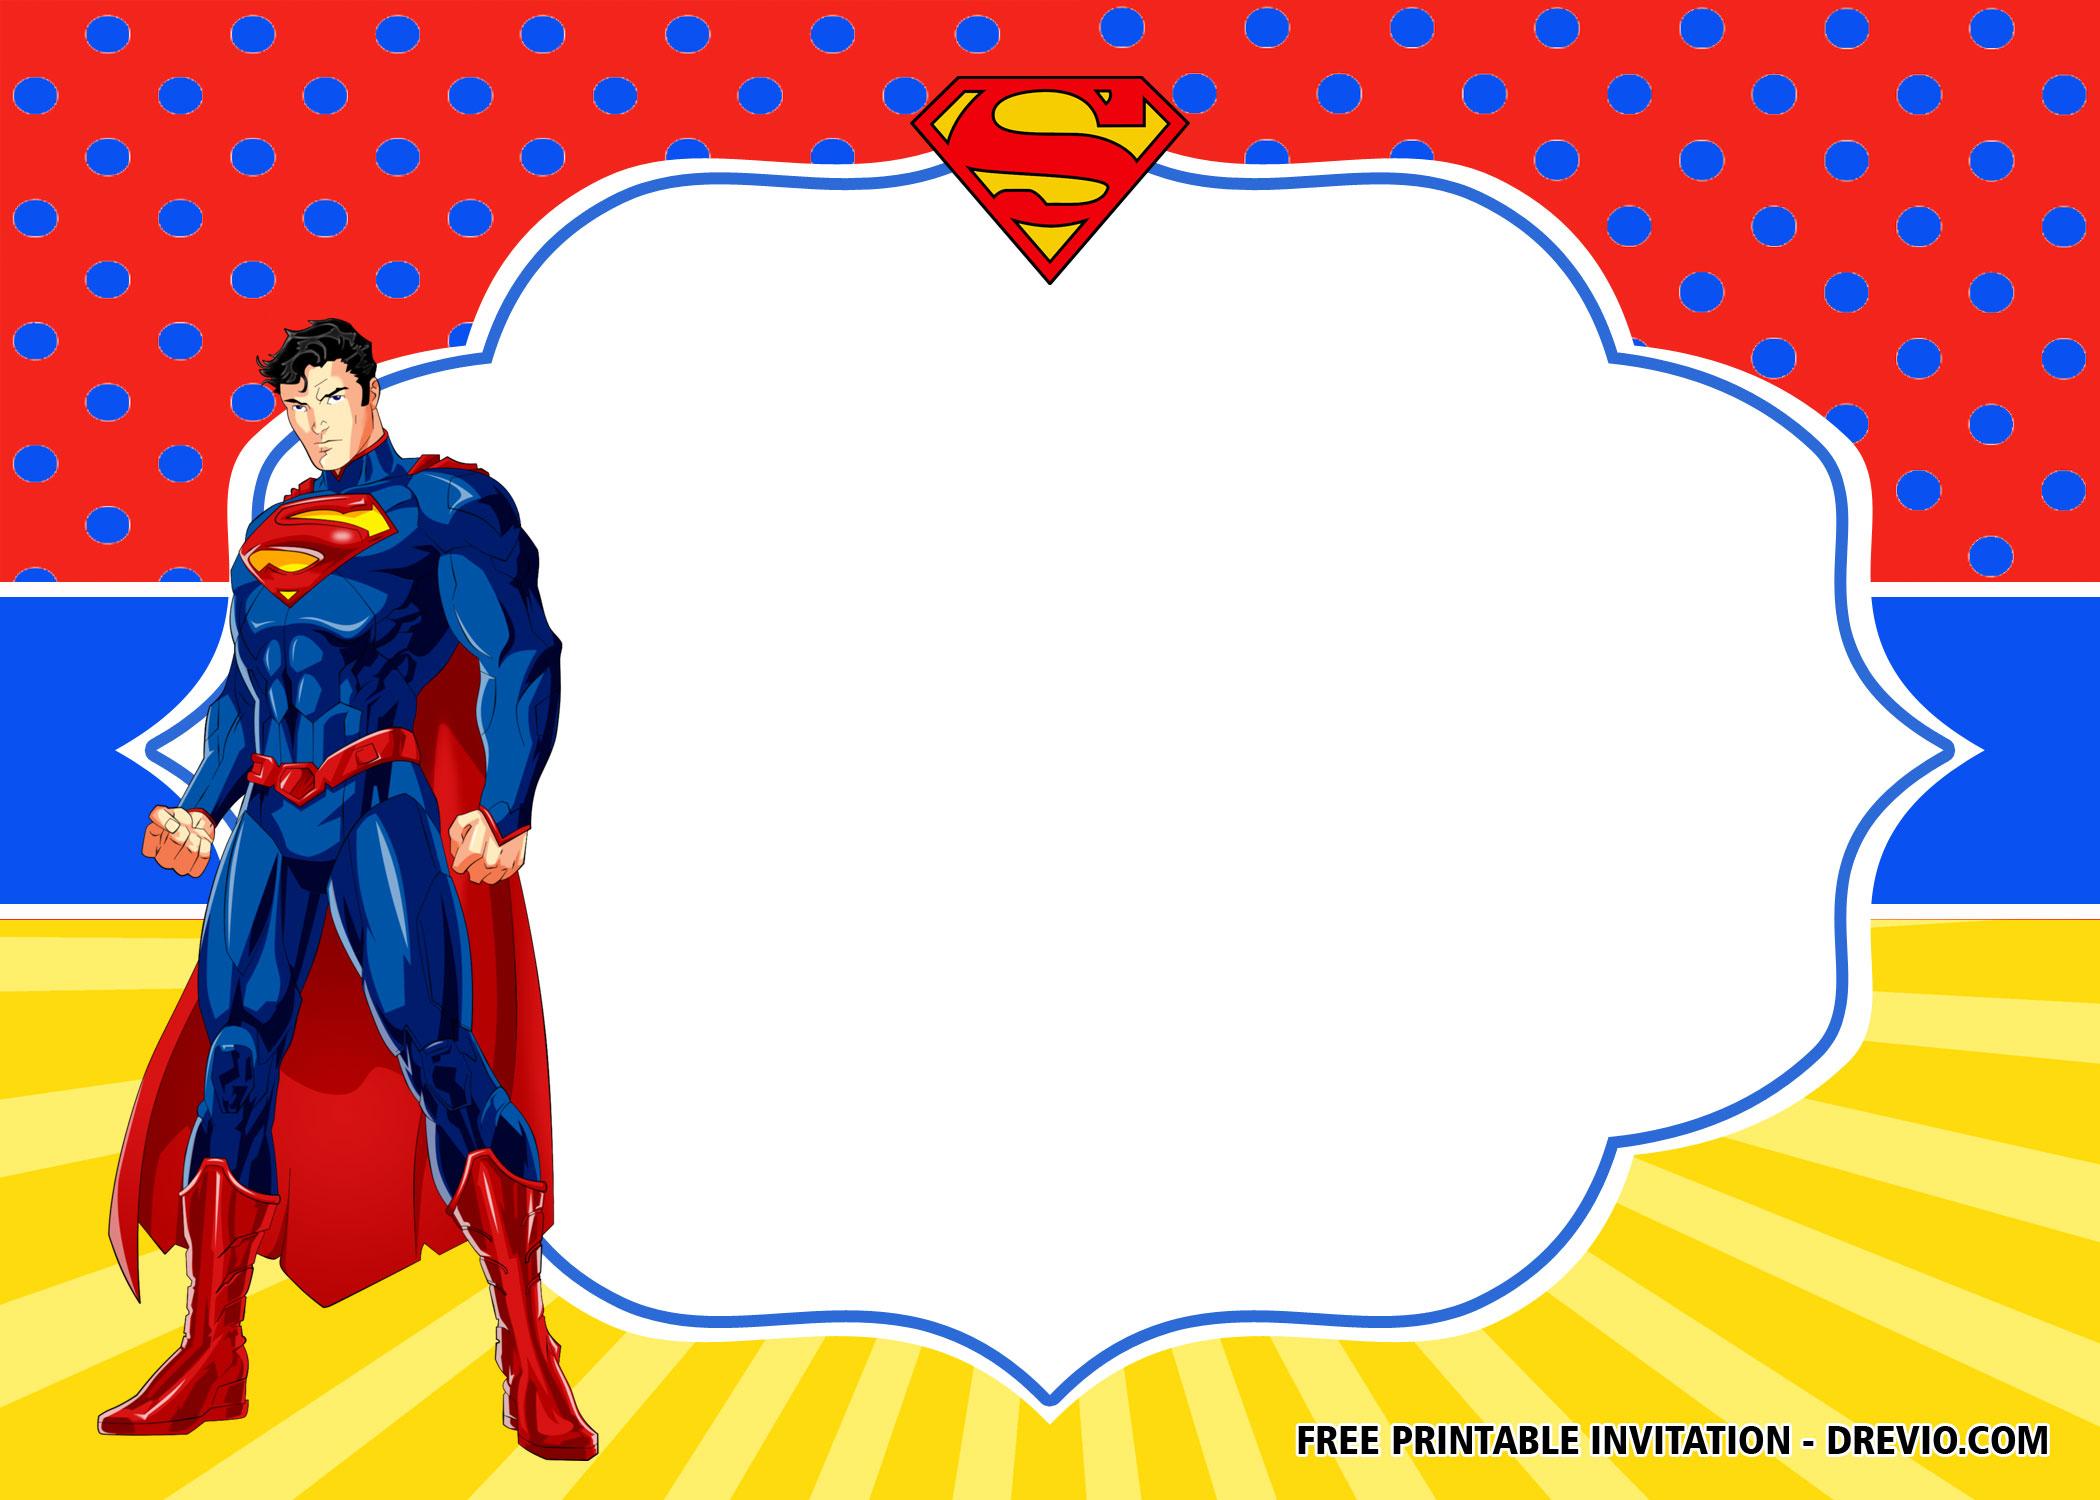 009 Unusual Editable Superhero Invitation Template Free Example Full